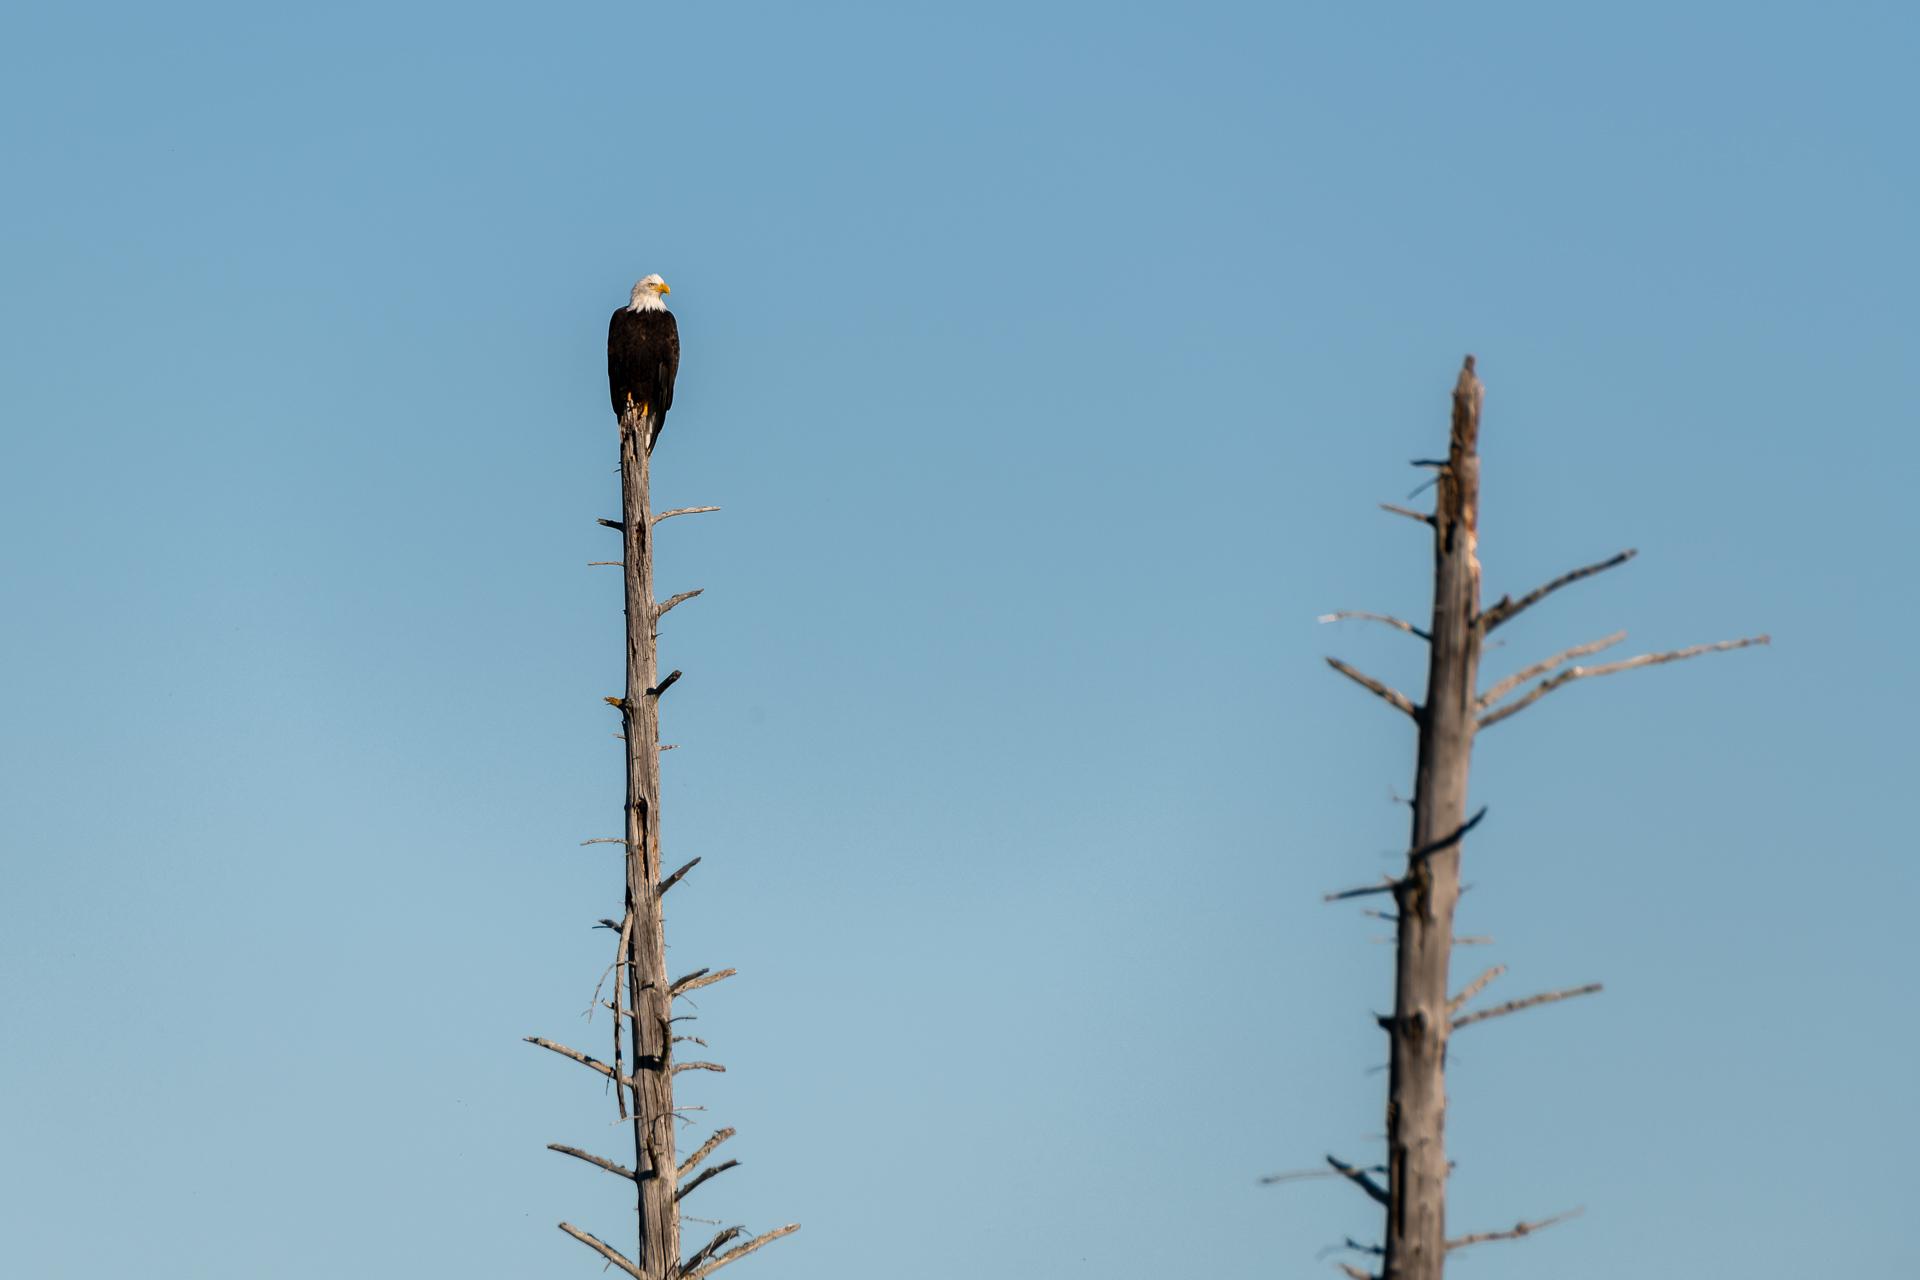 Weisskopfseeadler [Haliaeetus leucocephalus]